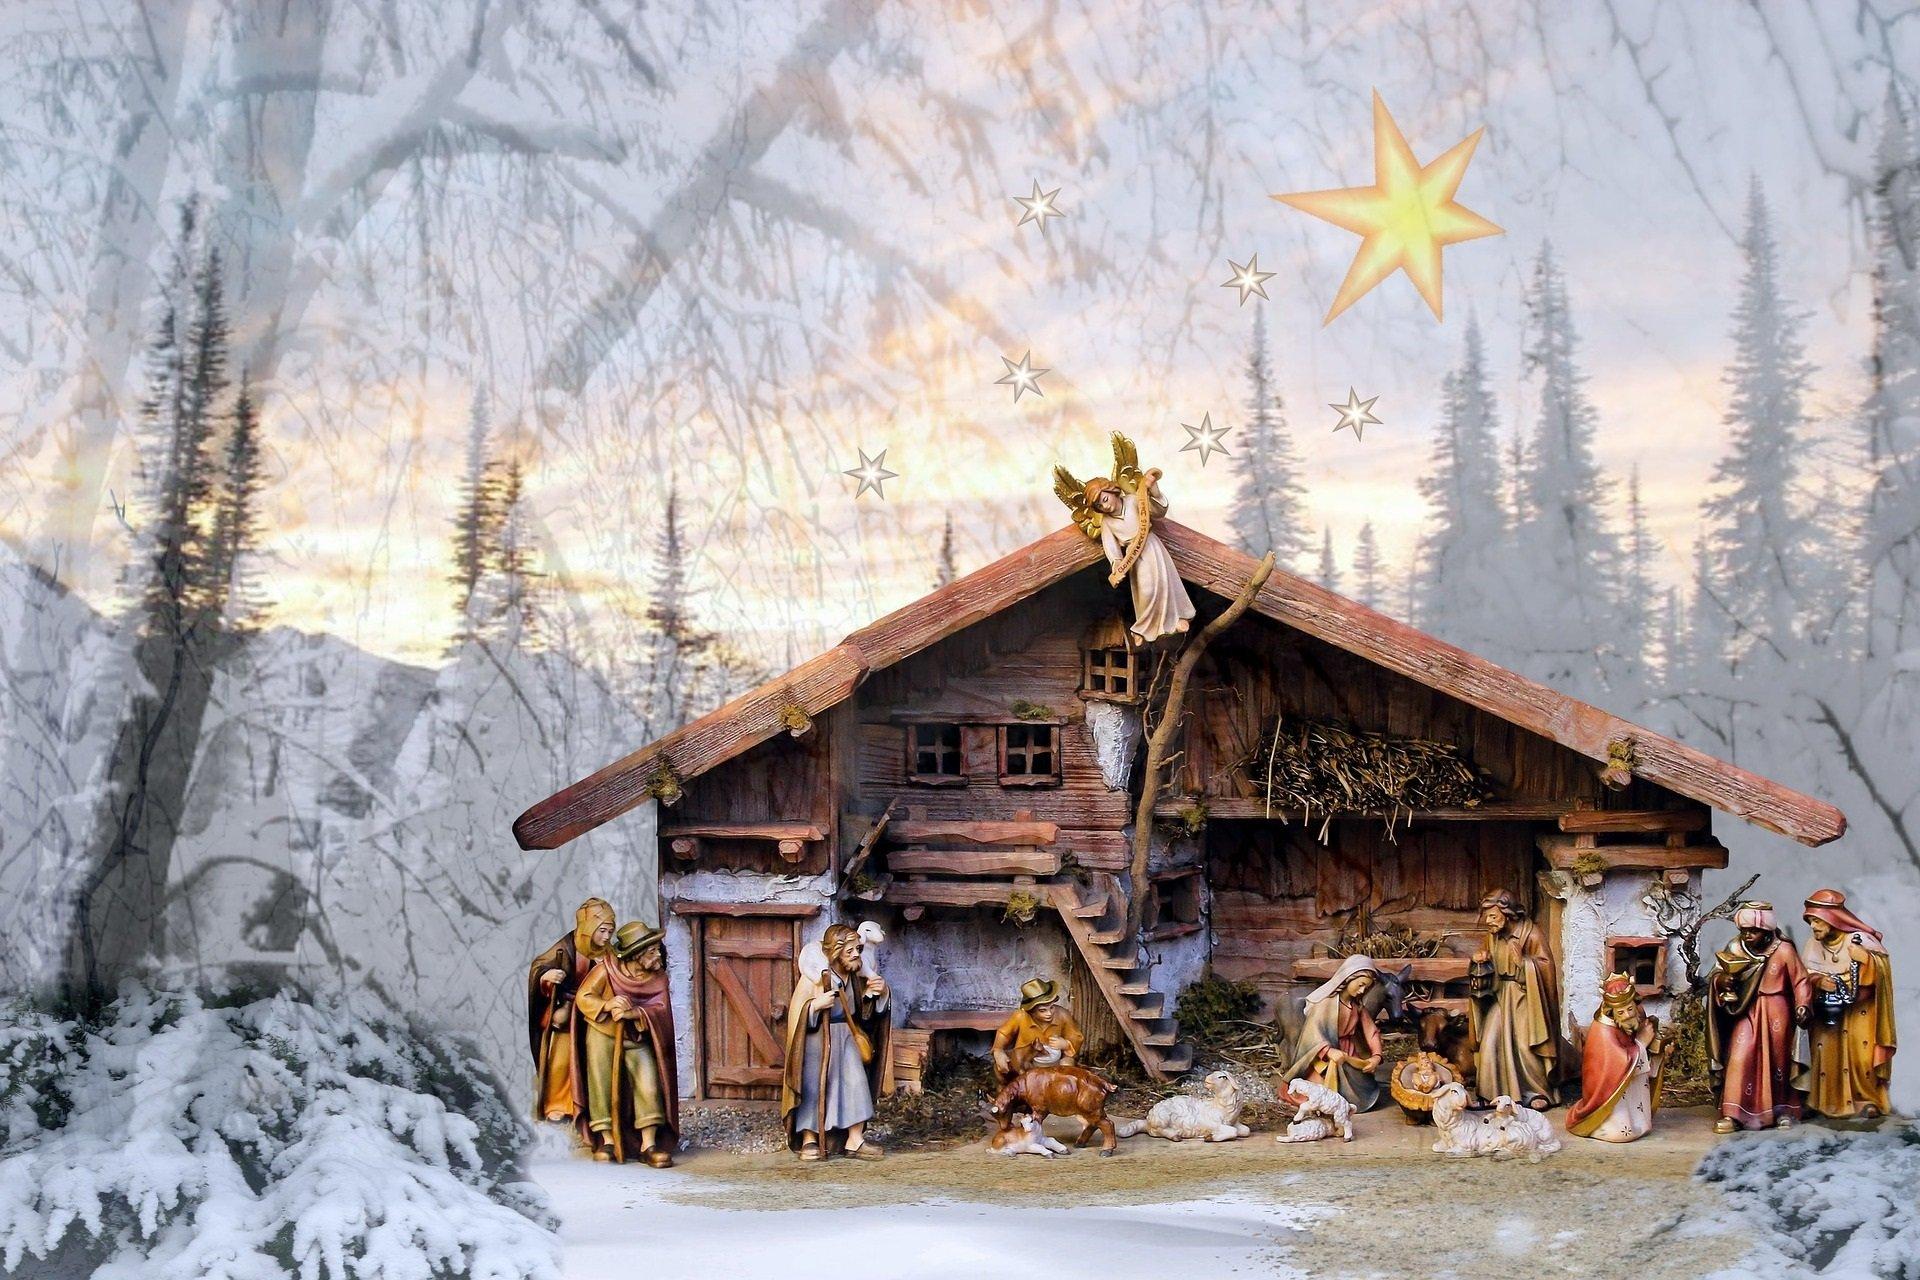 Away in a Manger, piosenka świąteczna dla dzieci po angielsku, tekst i melodia